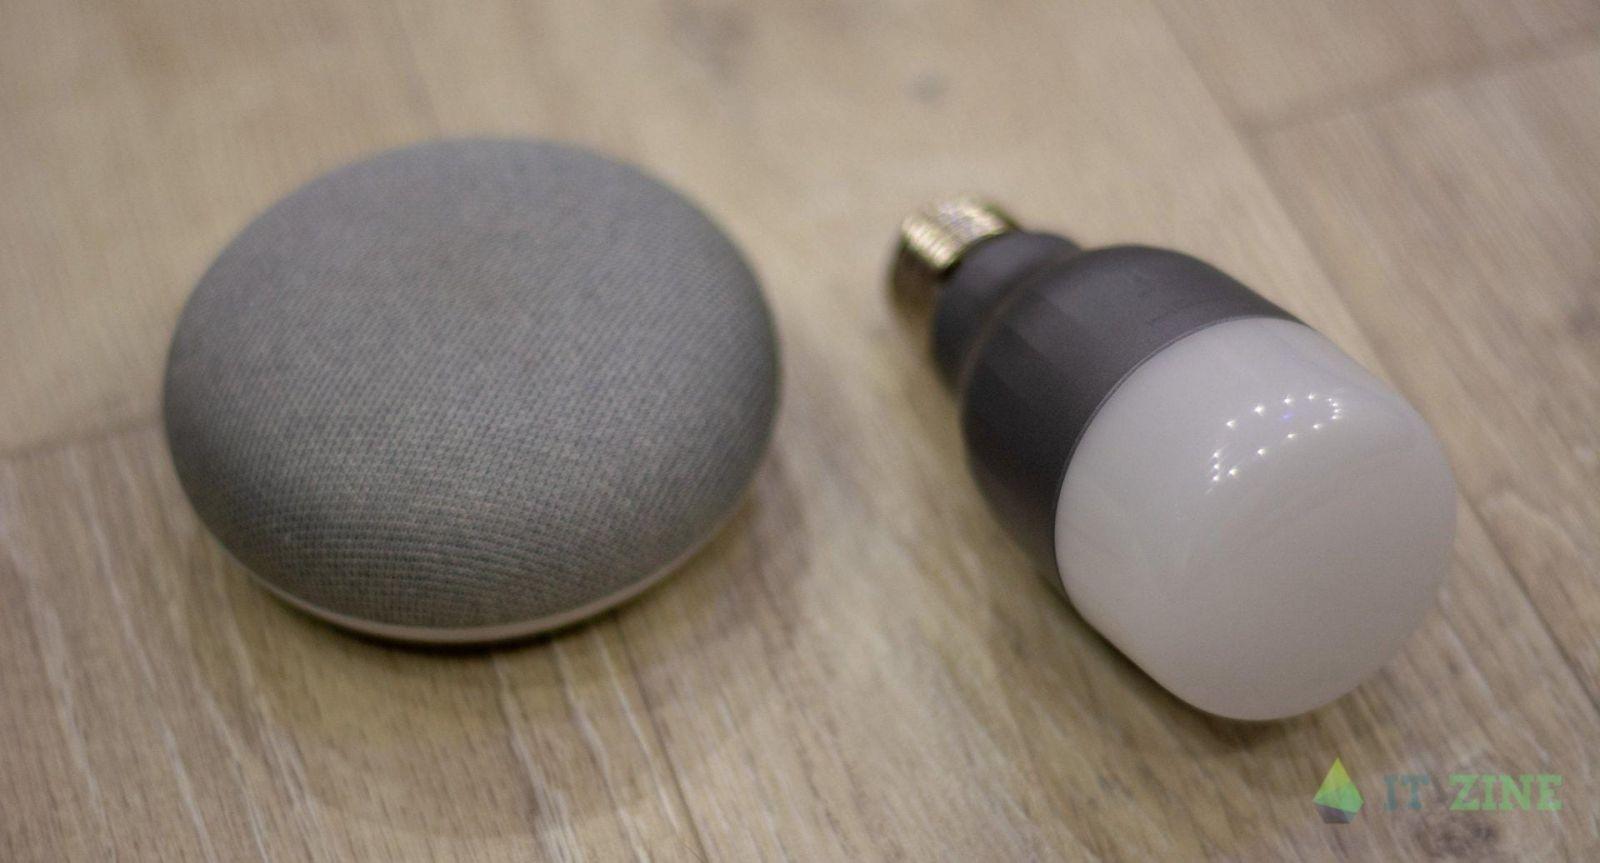 Обзор умных лампочек Xiaomi Mi LED Smart Bulb + Google Home: да будет свет (dsc 7111)